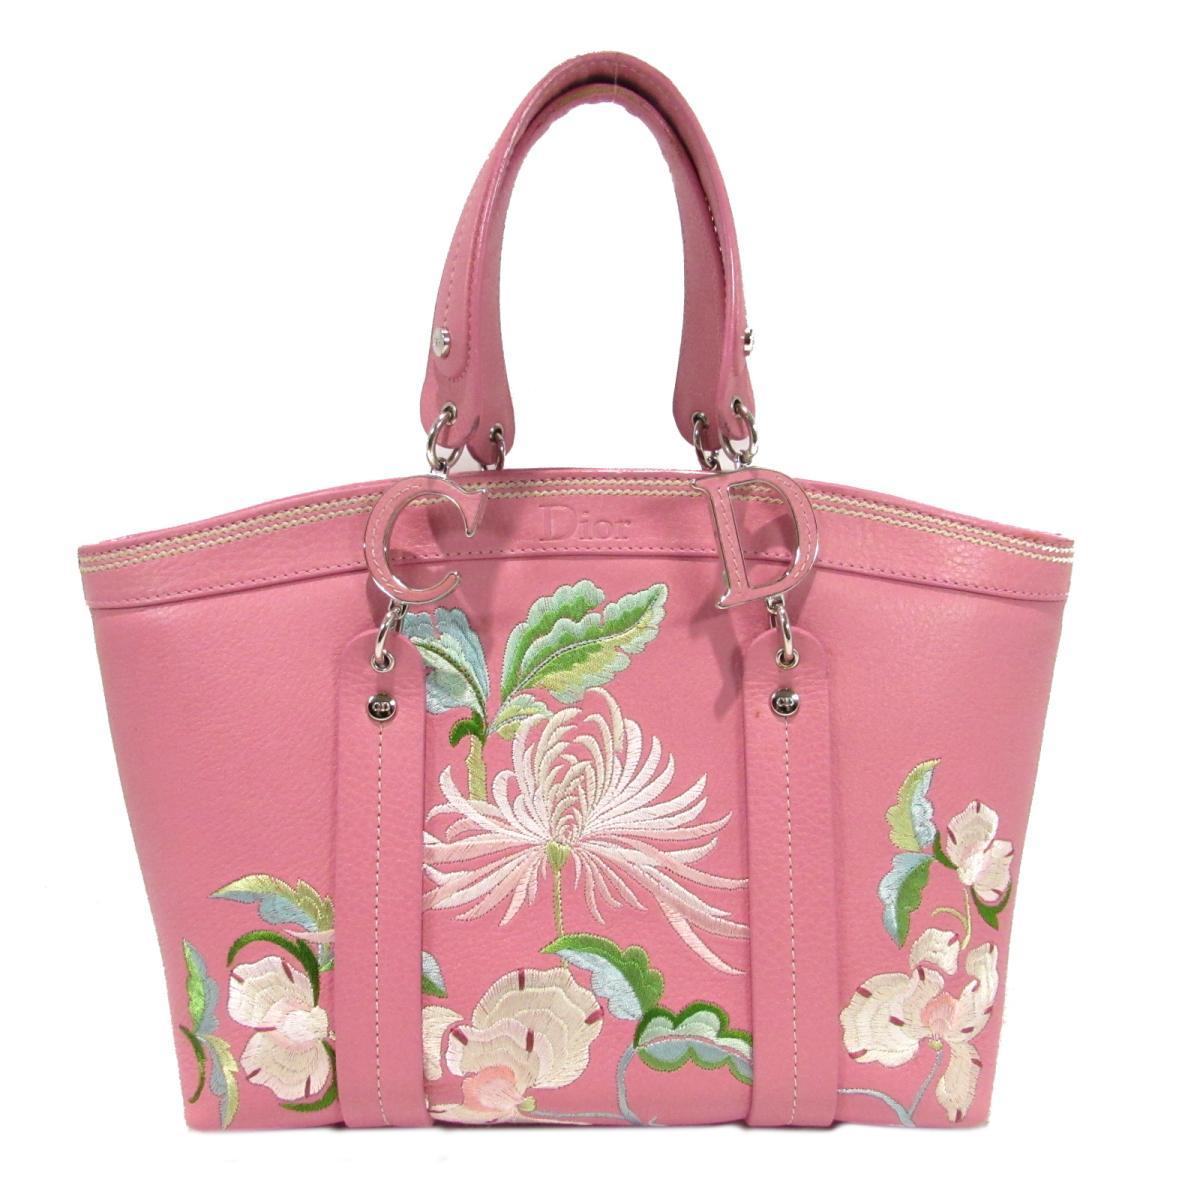 【中古】 クリスチャン・ディオール ハンドバッグ レディース レザー ピンク | Dior ハンドバック バッグ バック BAG 鞄 カバン ブランドバッグ ブランドバック 美品 ブランドオフ